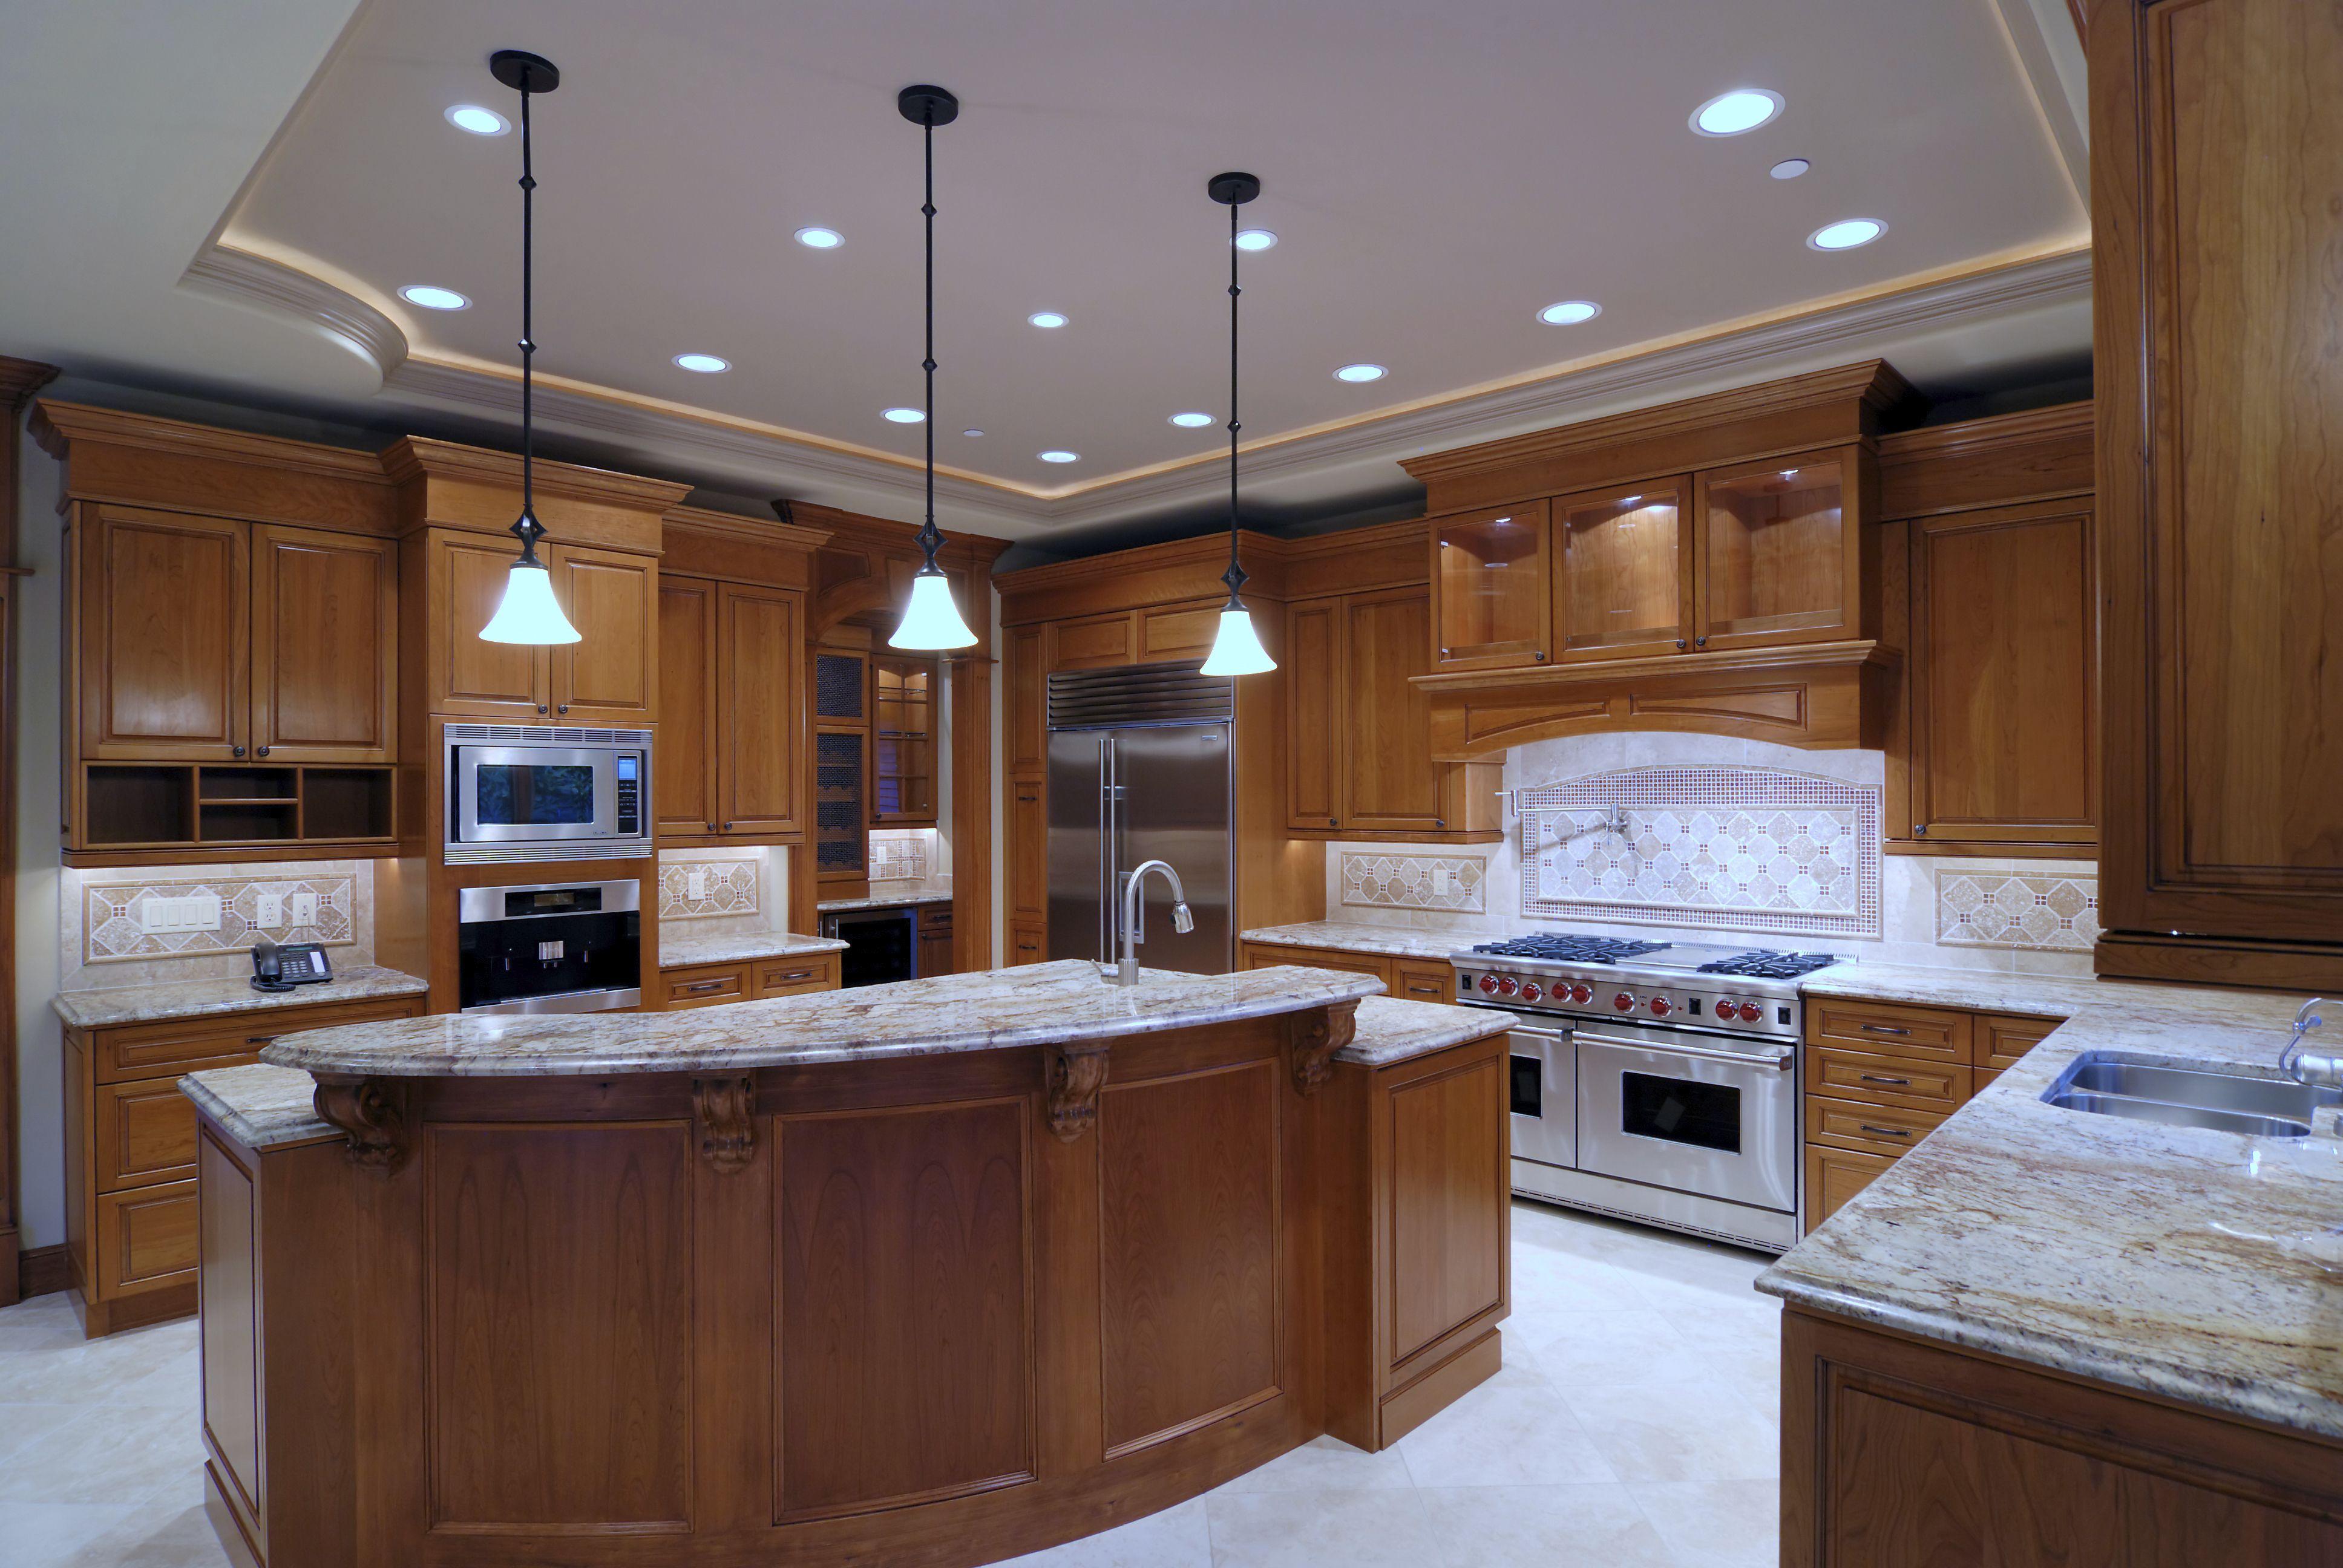 Küche Upgrade | Küche | Pinterest | Design küchen, Verwirrt und ...